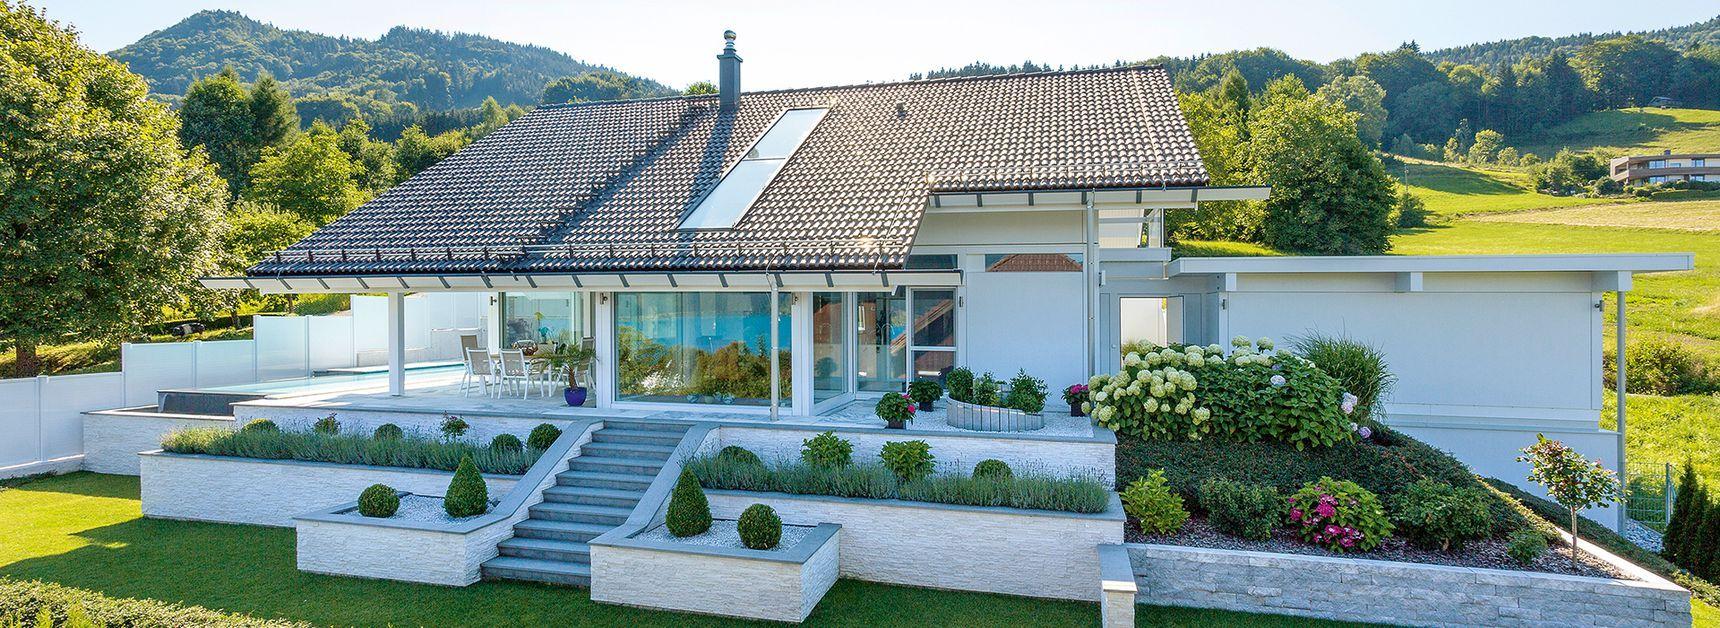 Traumhaus in deutschland  Musterhäuser | Moderne Fachwerkarchitektur | Musterhauszentrum ...